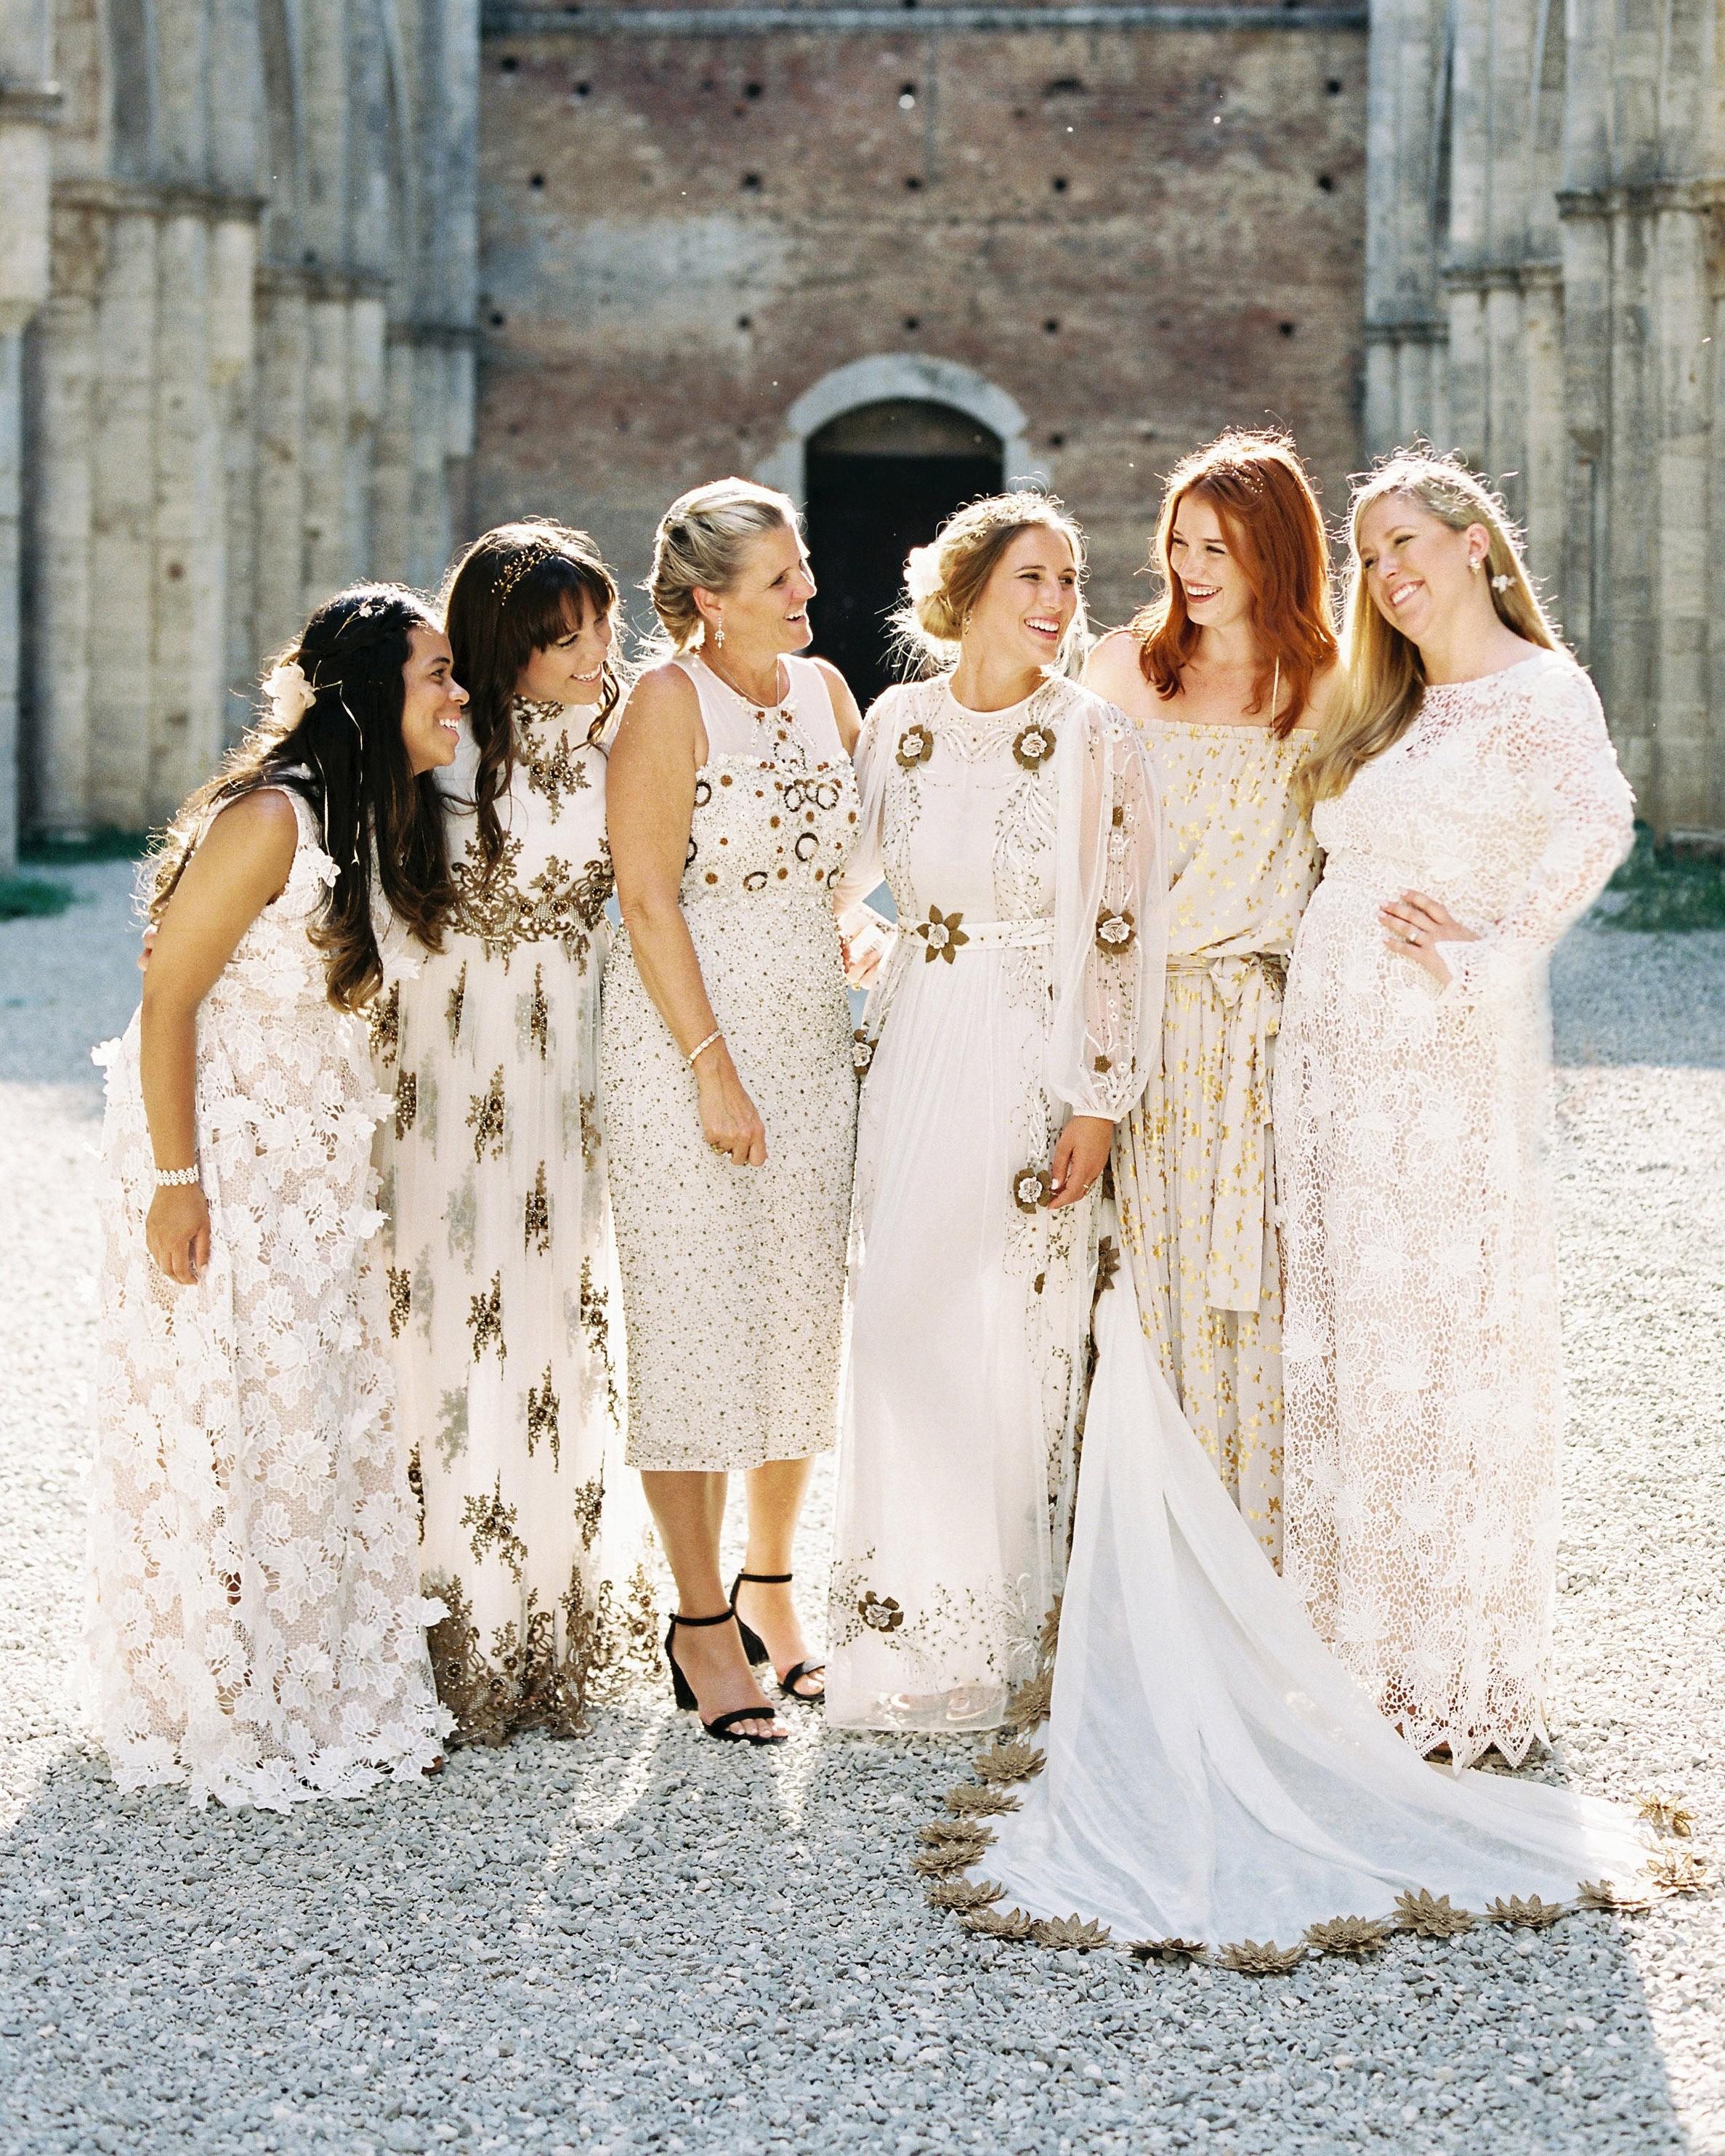 alexis zach wedding italy bridesmaids